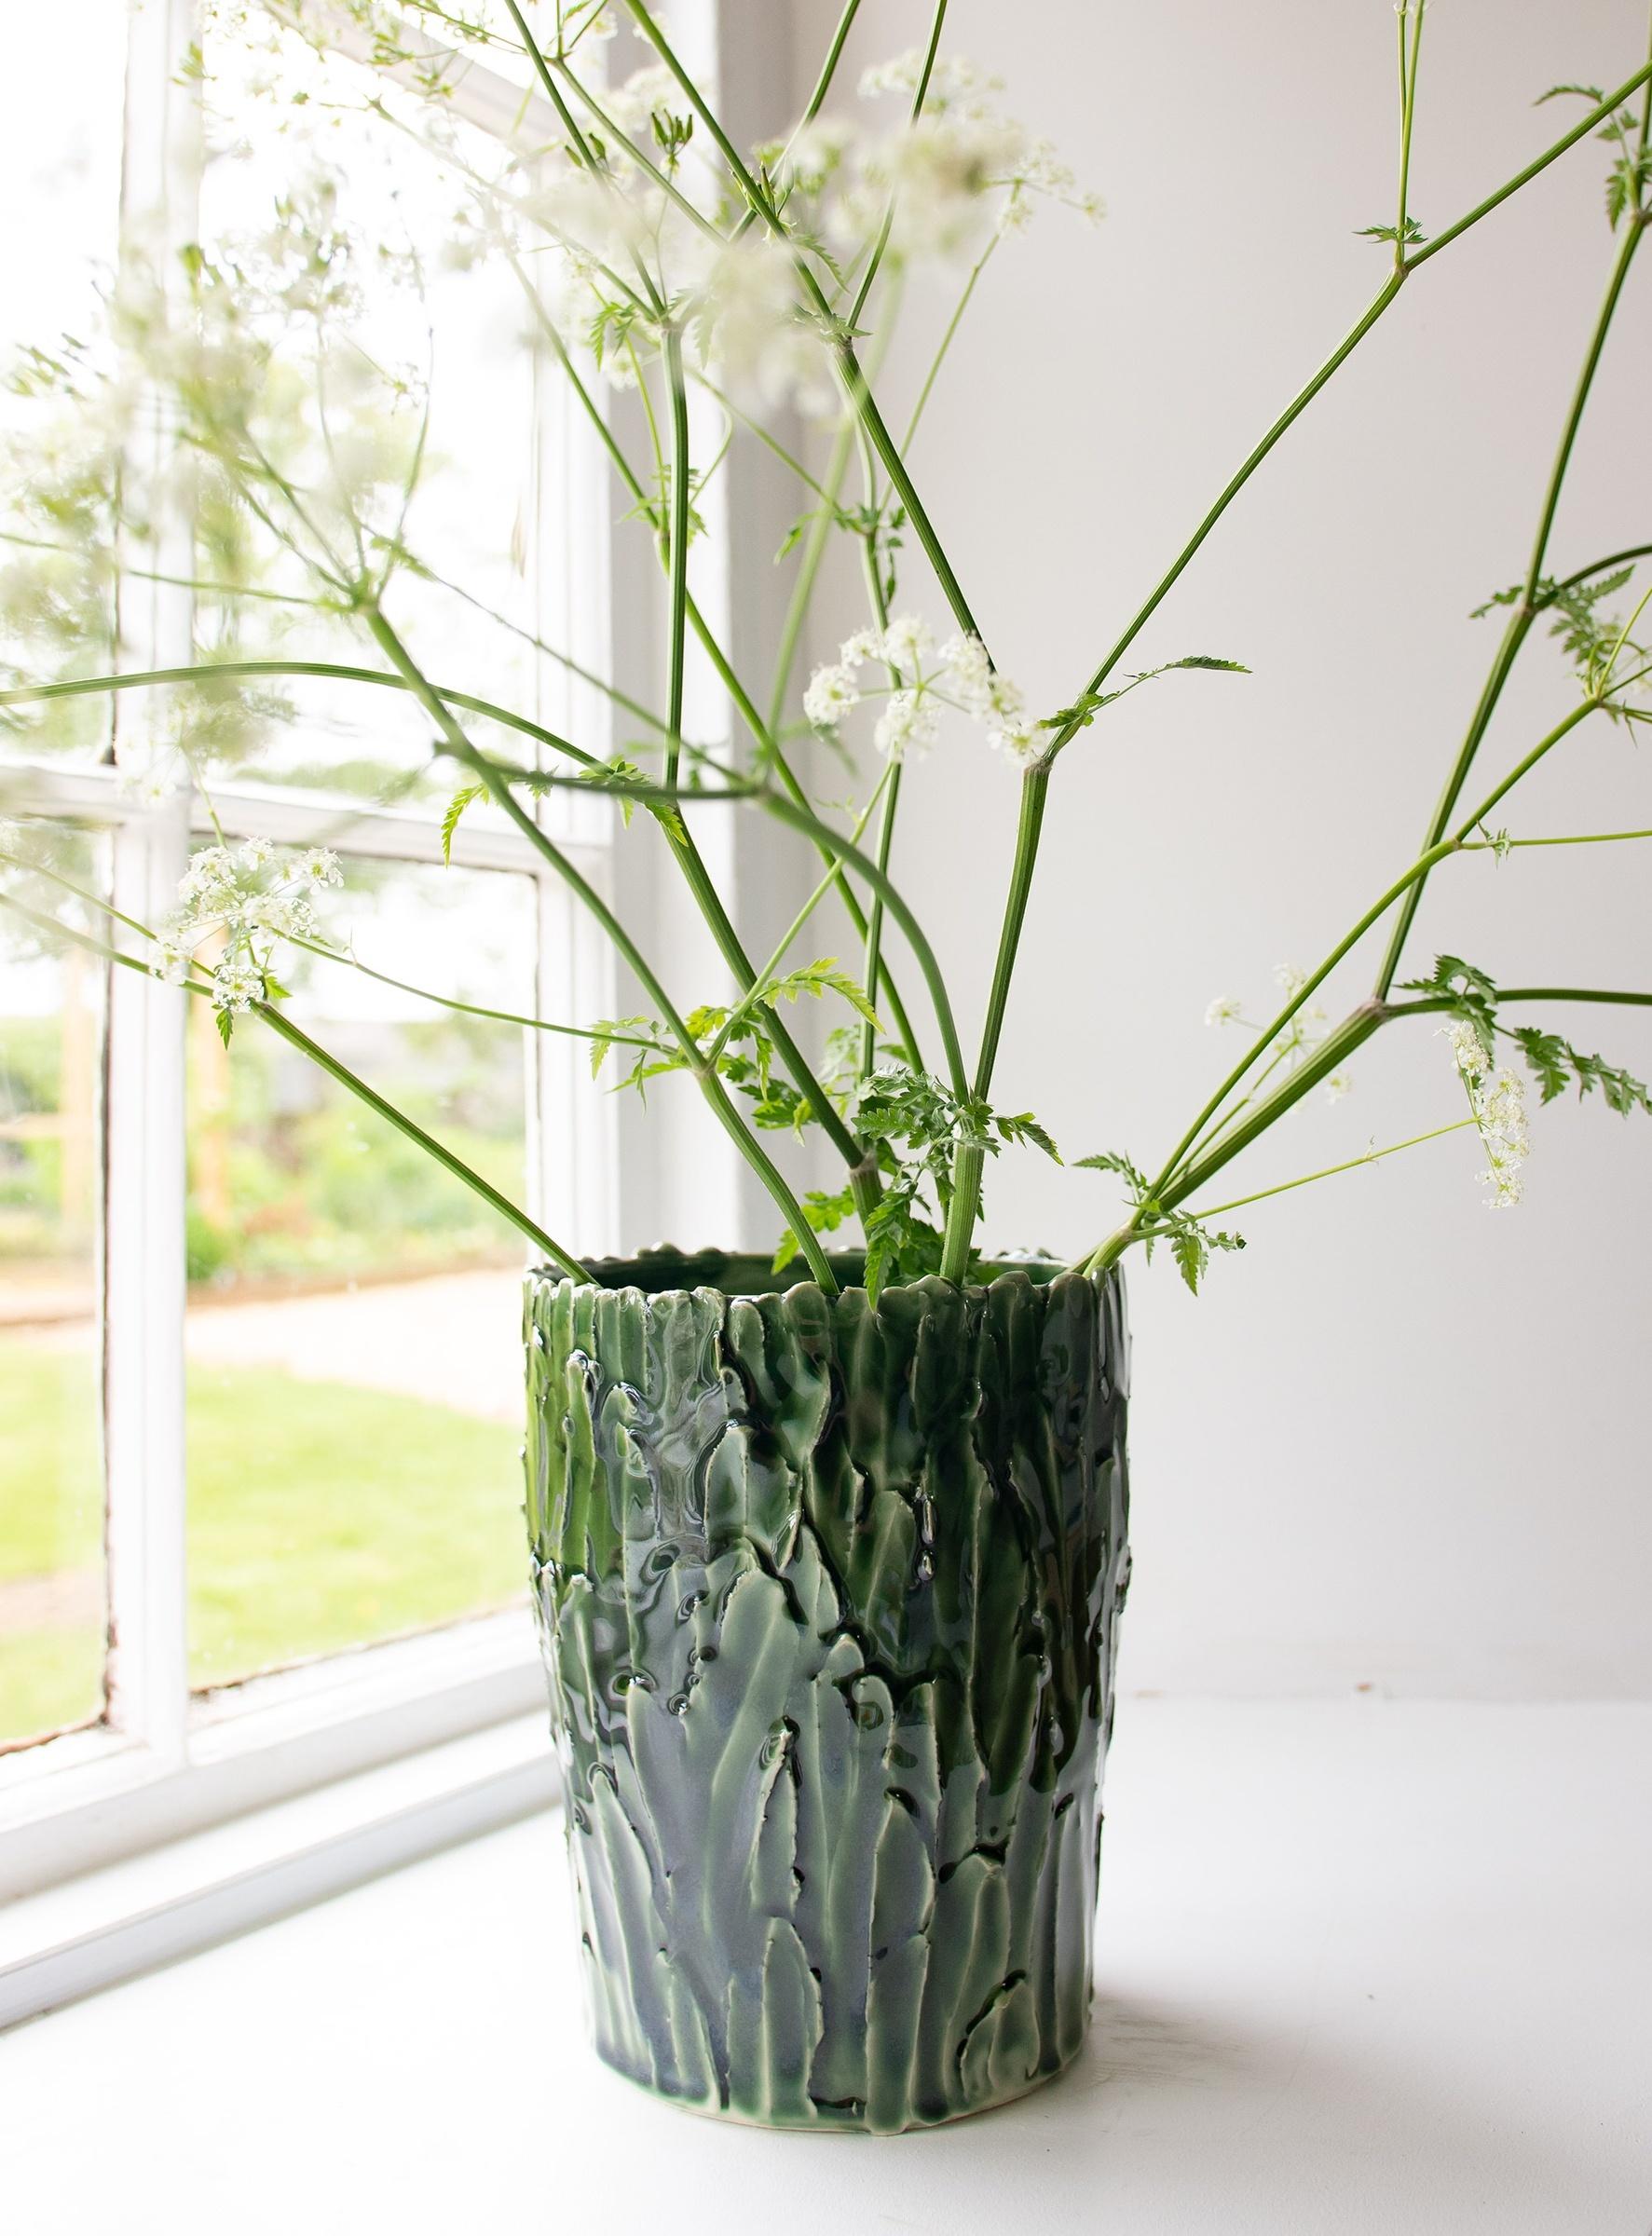 Emma Jagare, Large Green Vase, 2018